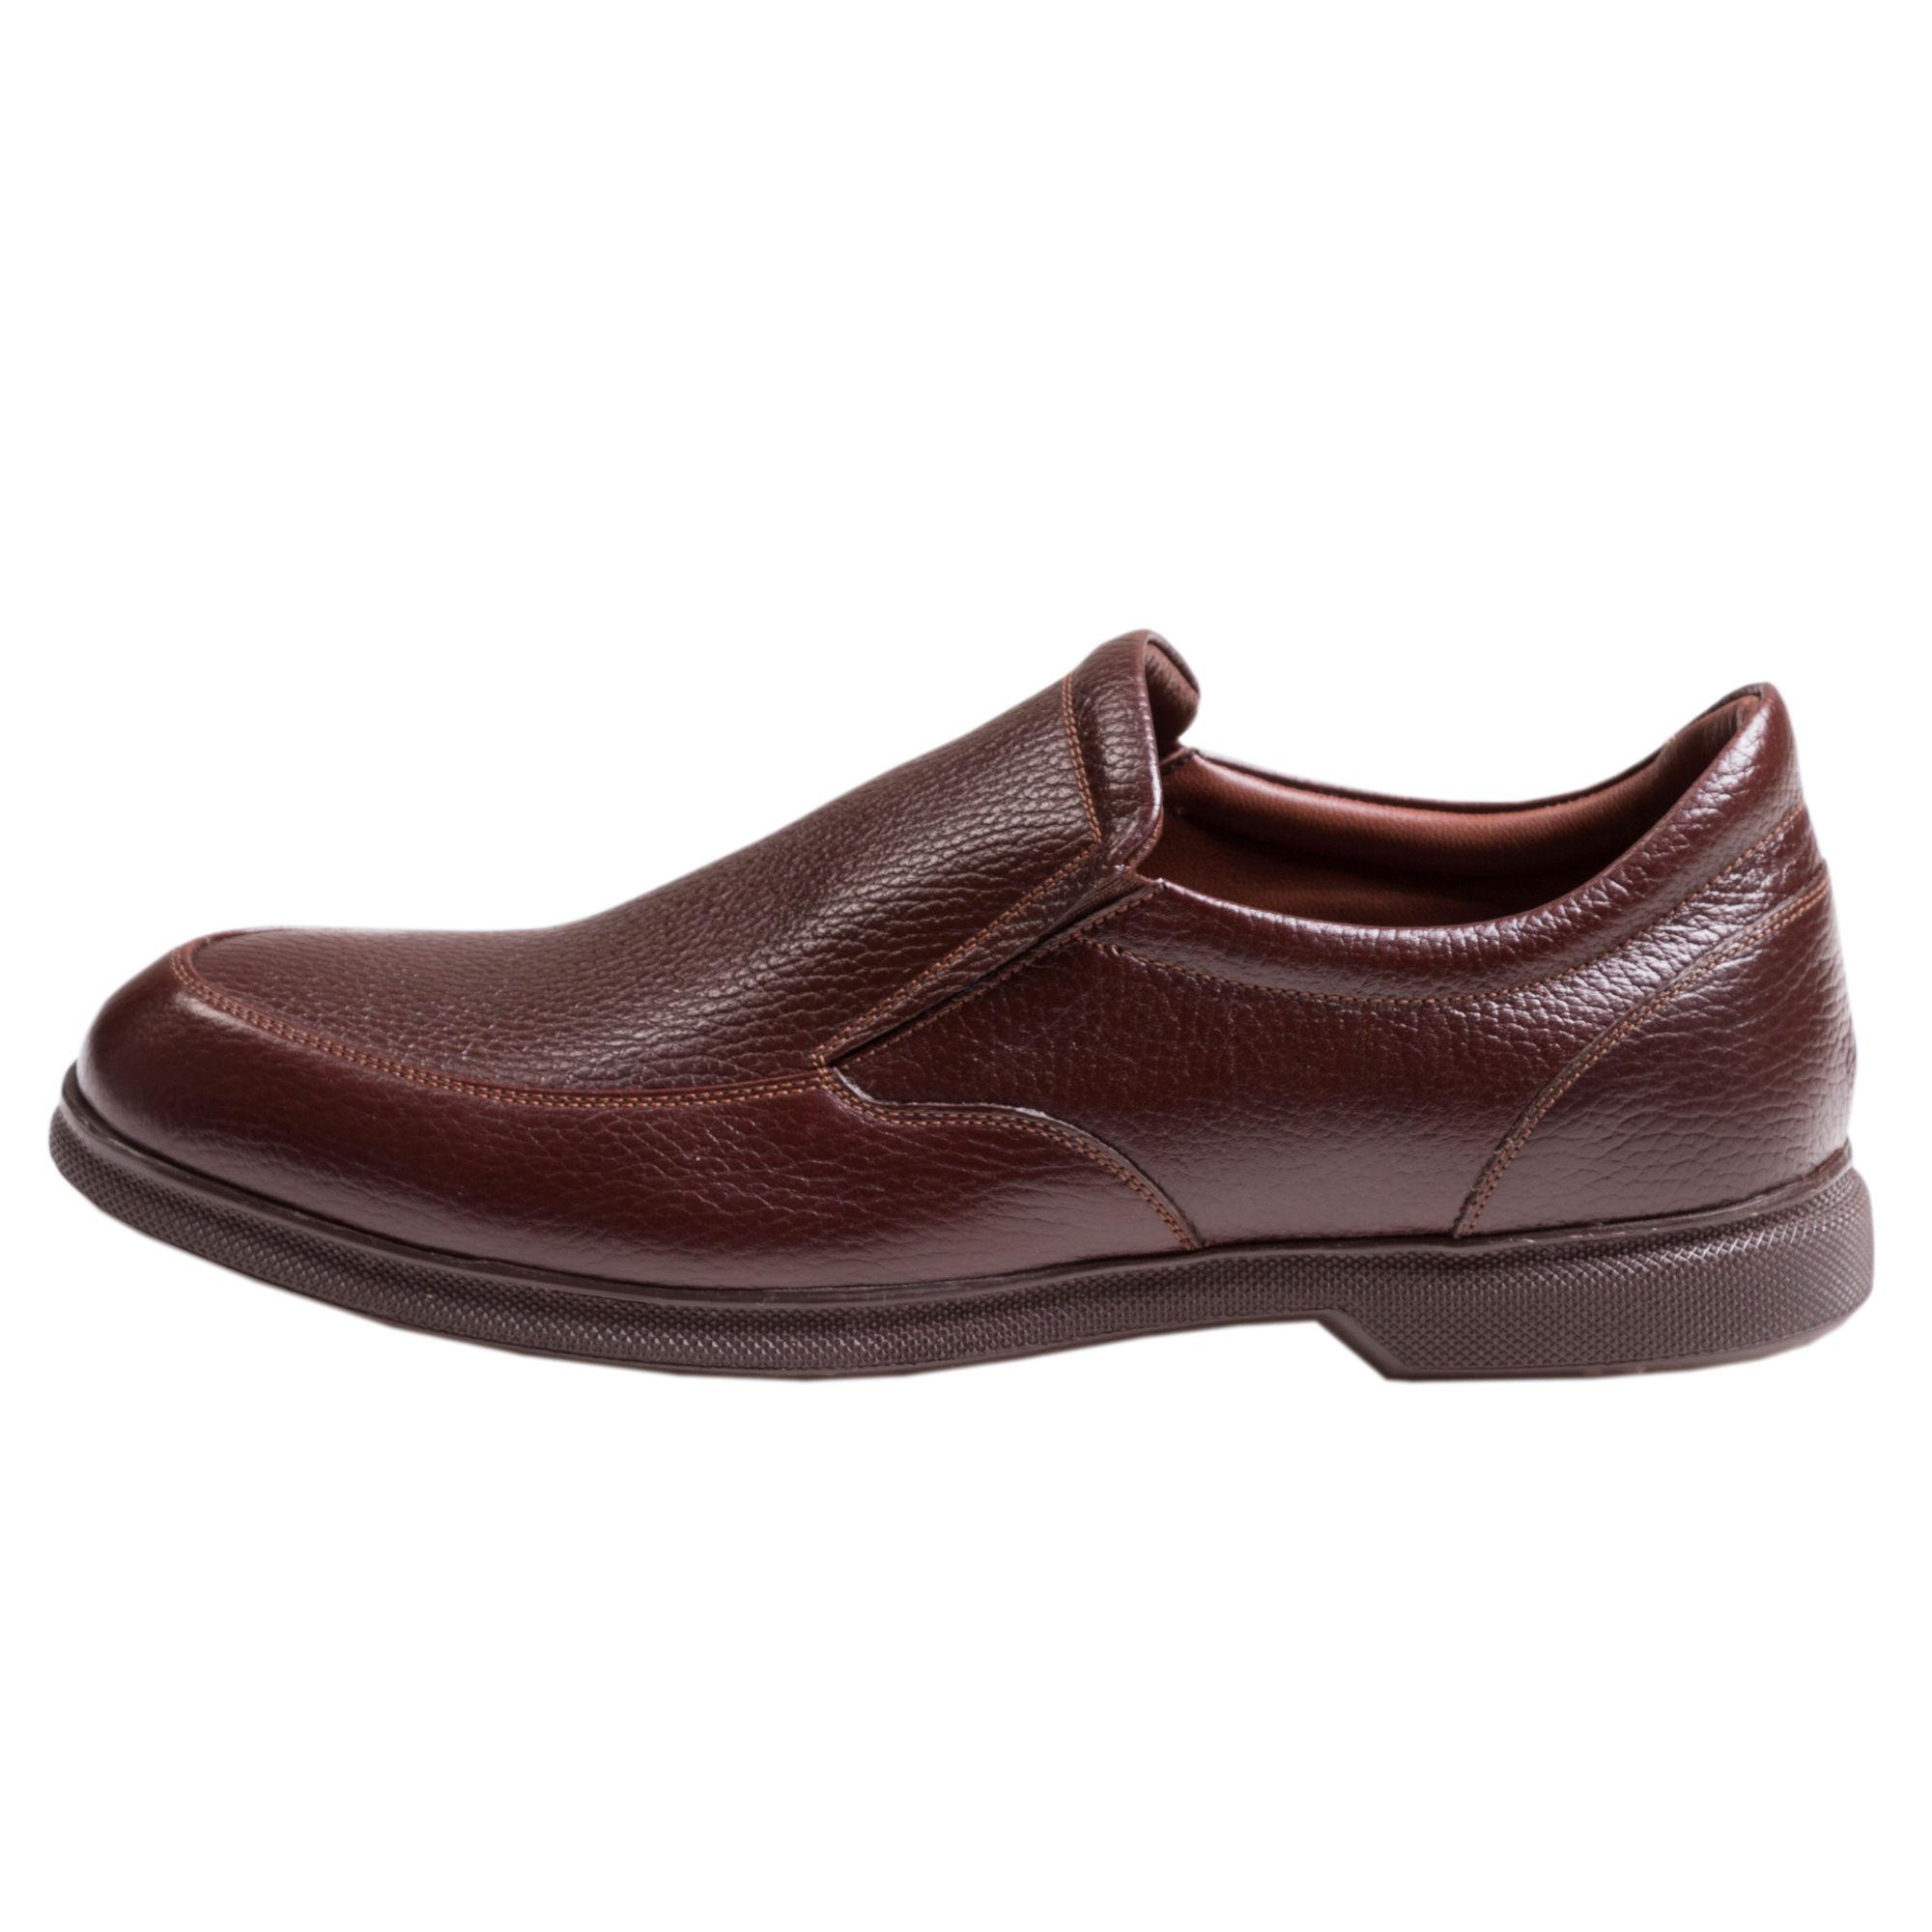 کفش مردانه سی سی مدل نروژی رنگ قهوه ای